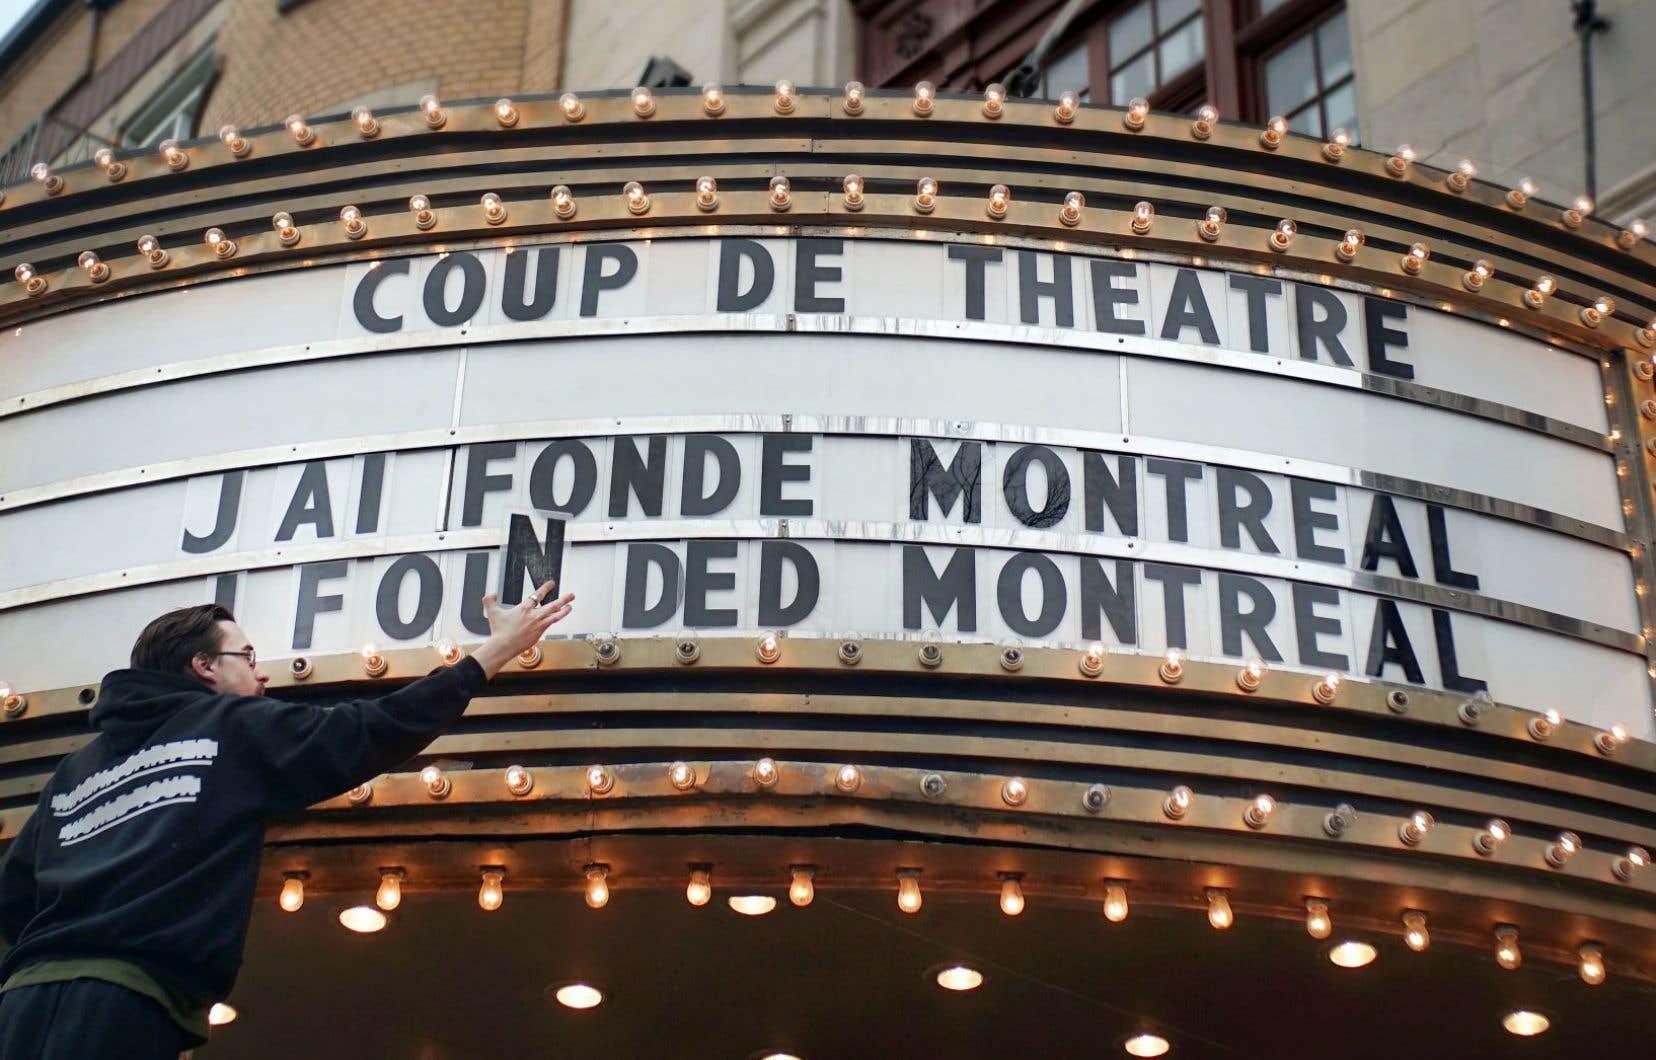 Annonce de la prochaine exposition du Musée Marguerite-Bourgeoys intitulée «Coup de théâtre: j'ai fondé Montréal!»